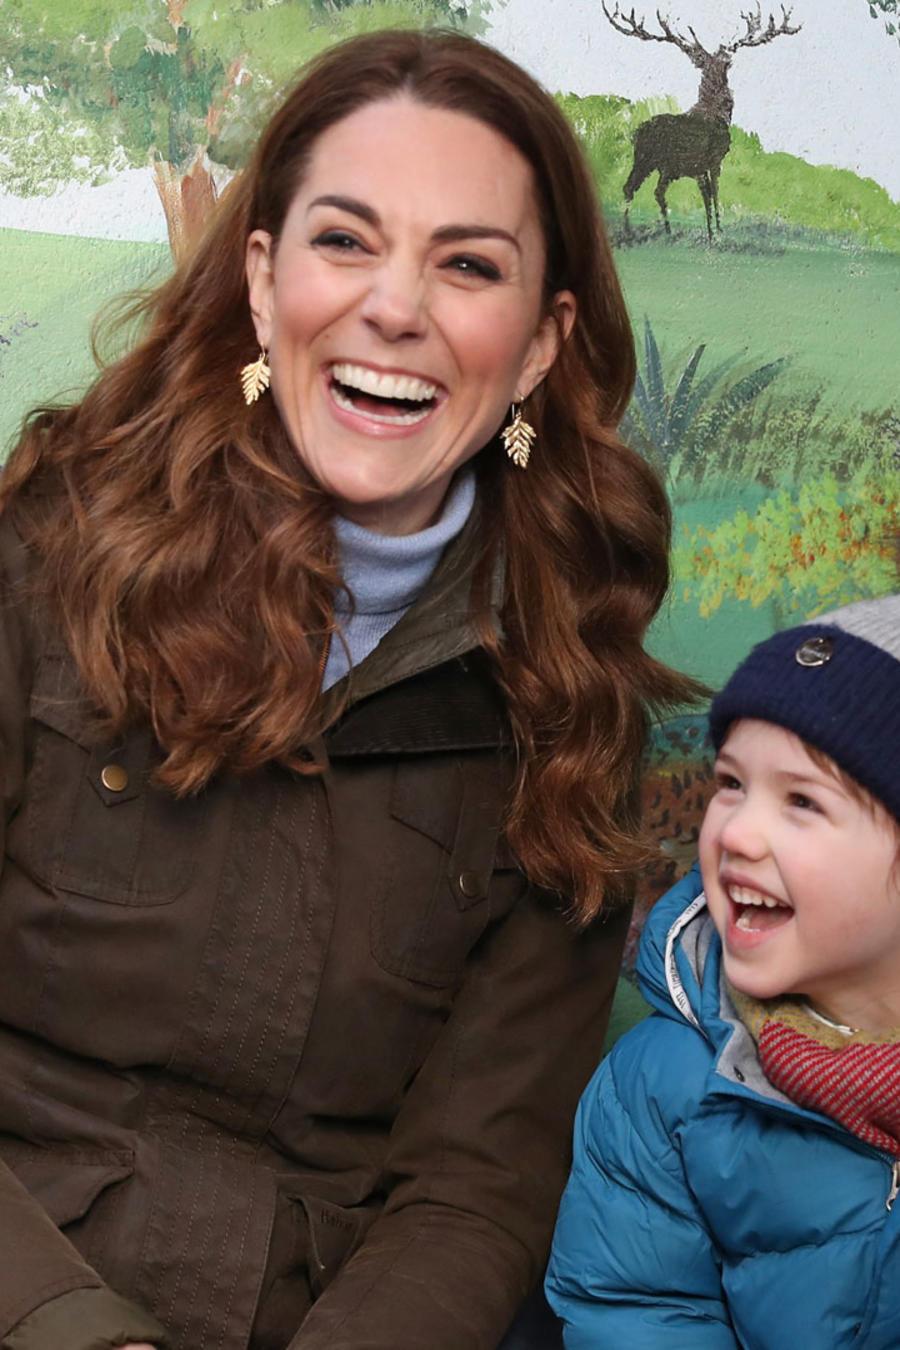 Kate Middleton con niños durante una visita a The Ark Open Farm el 12 de febrero de 2020 en Newtownards, Irlanda del Norte.